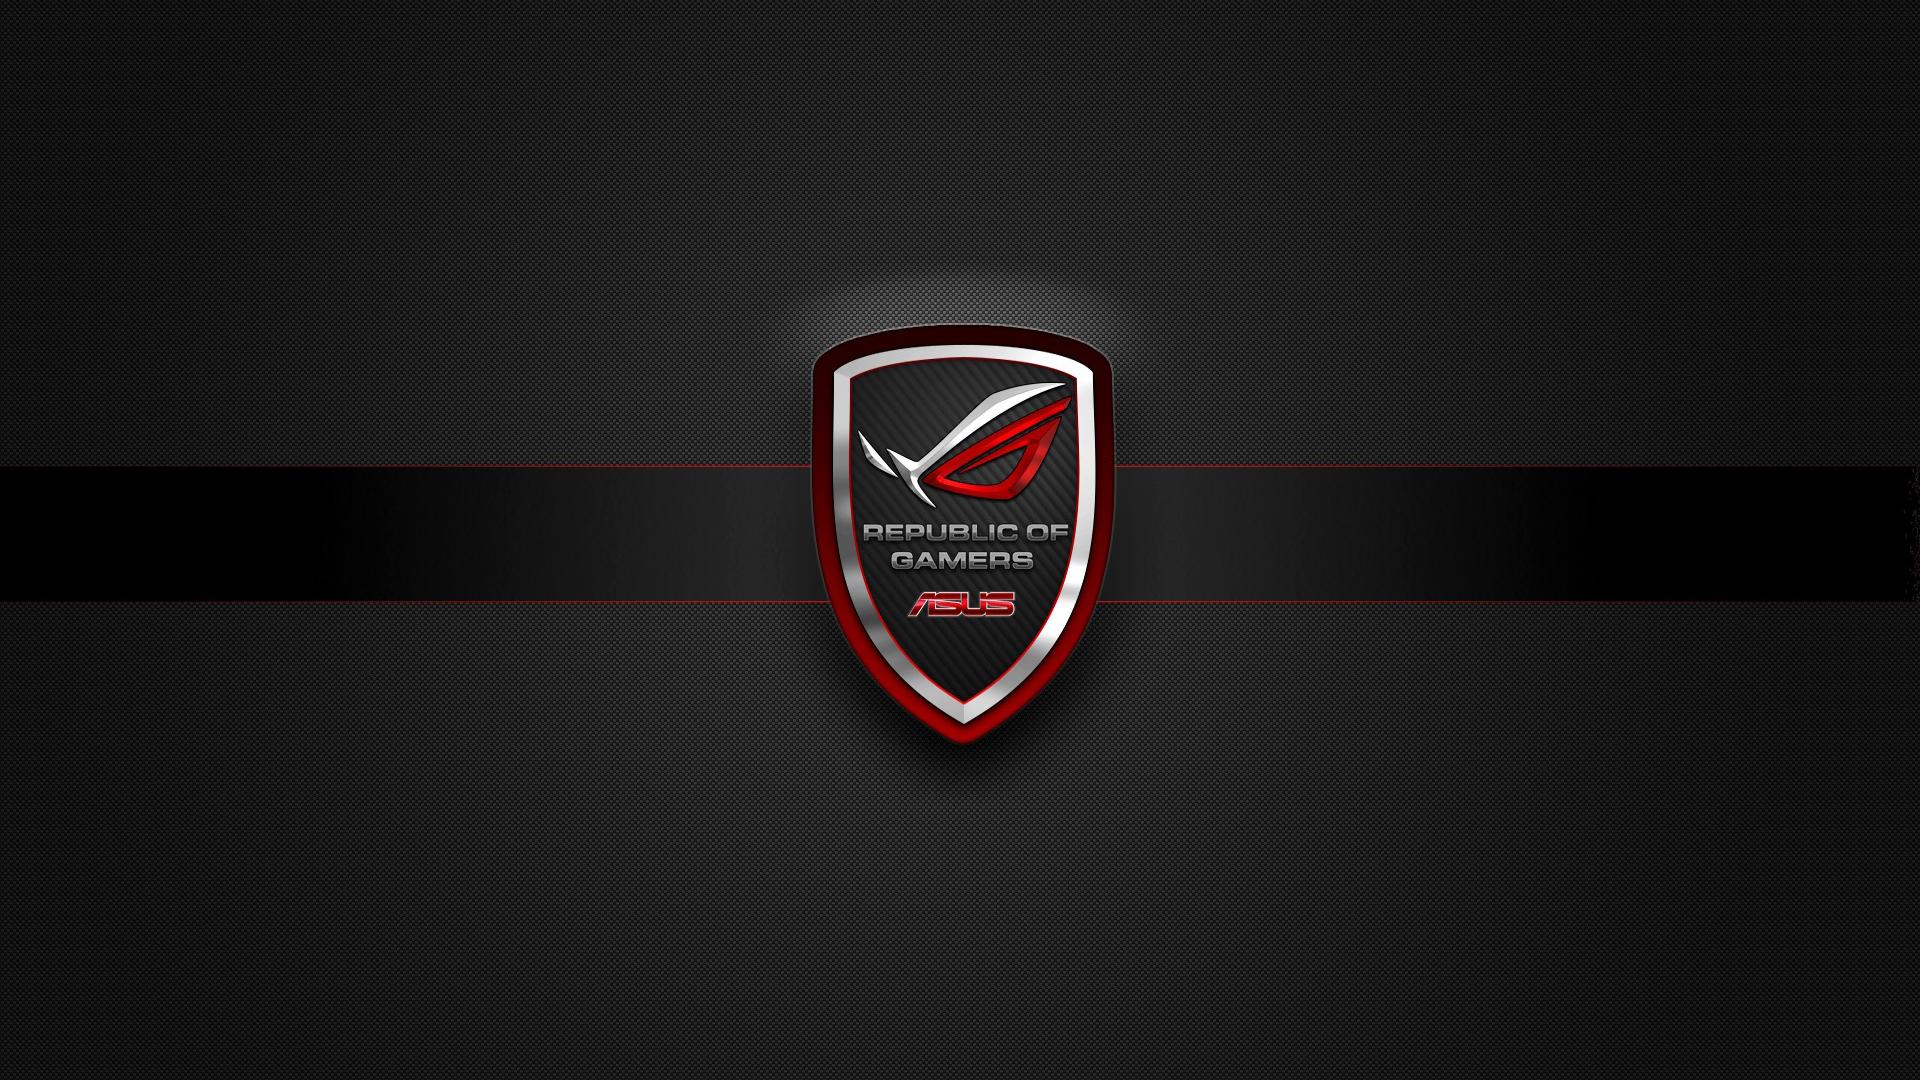 Asus Rog Republic Of Gamers Badge Logo Hd 1920x1080 1080p Wallpaper